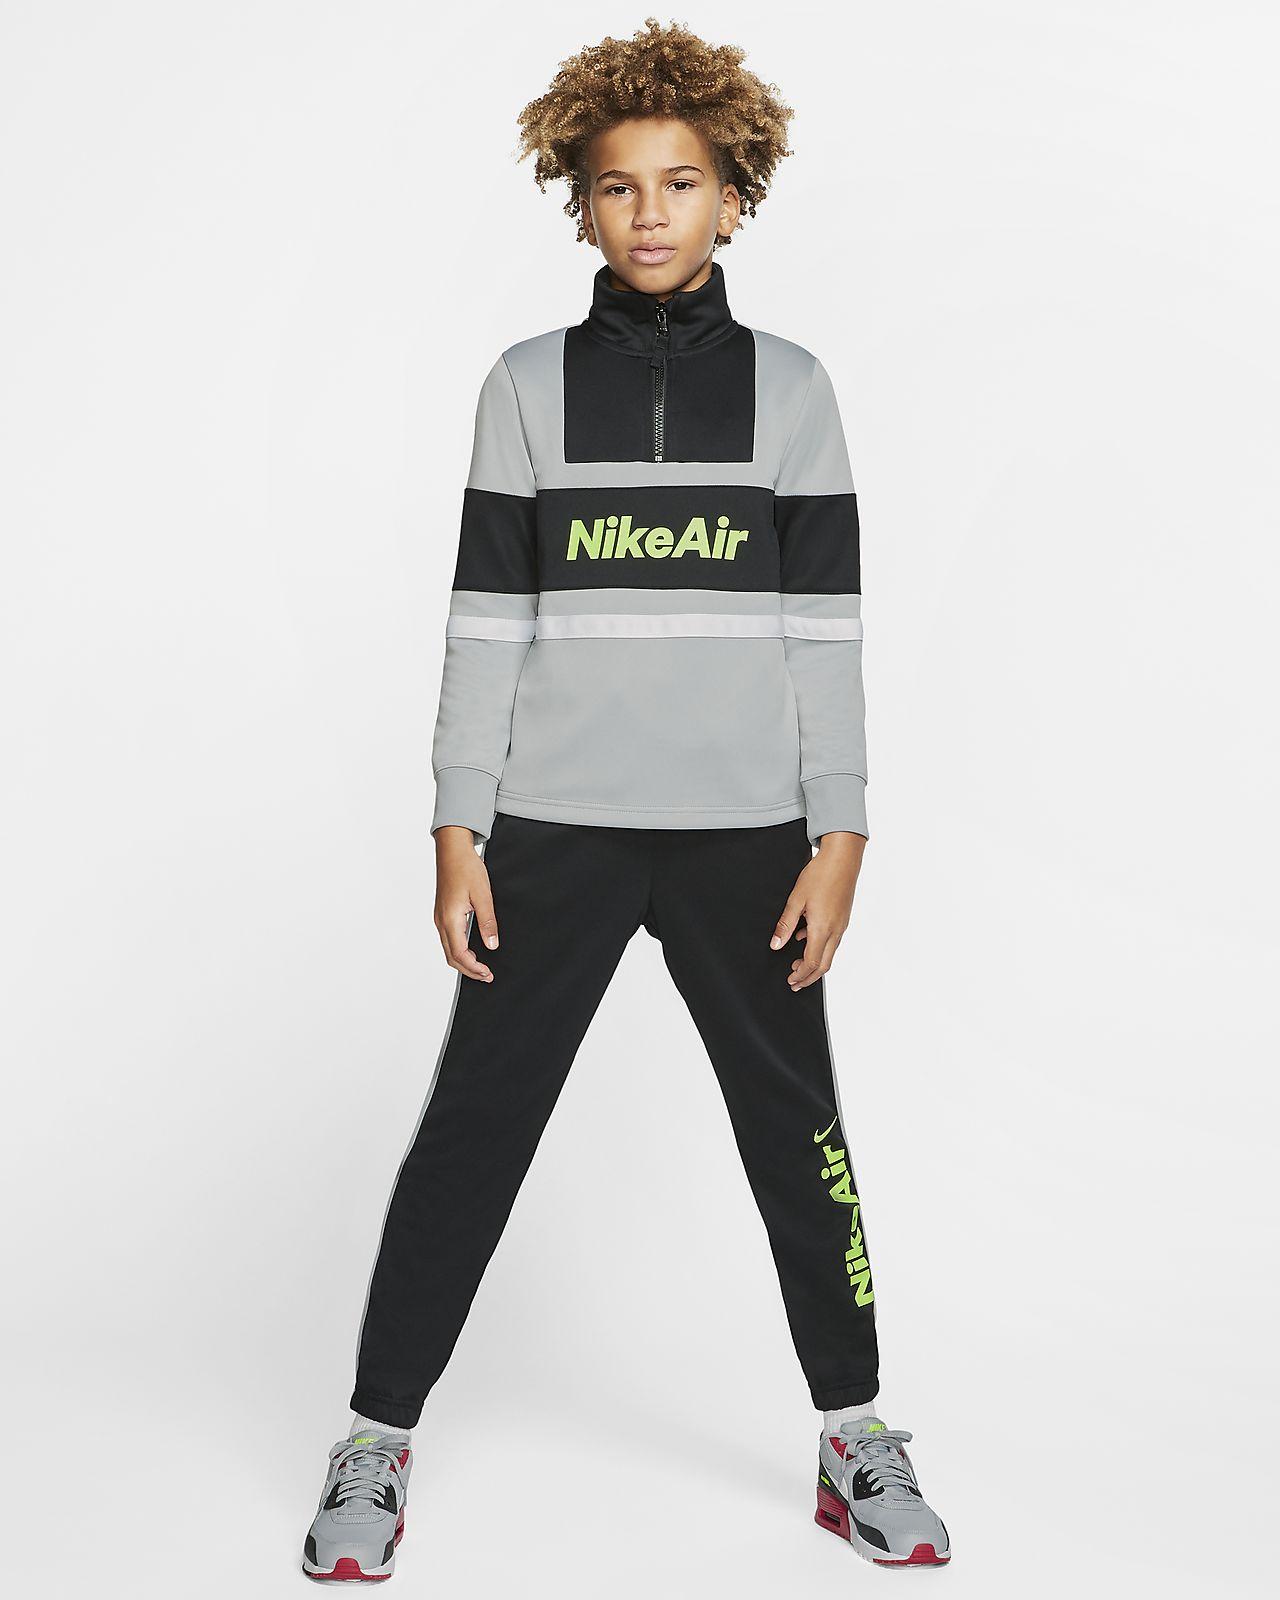 Fato Treino Nike Air Older Kids'